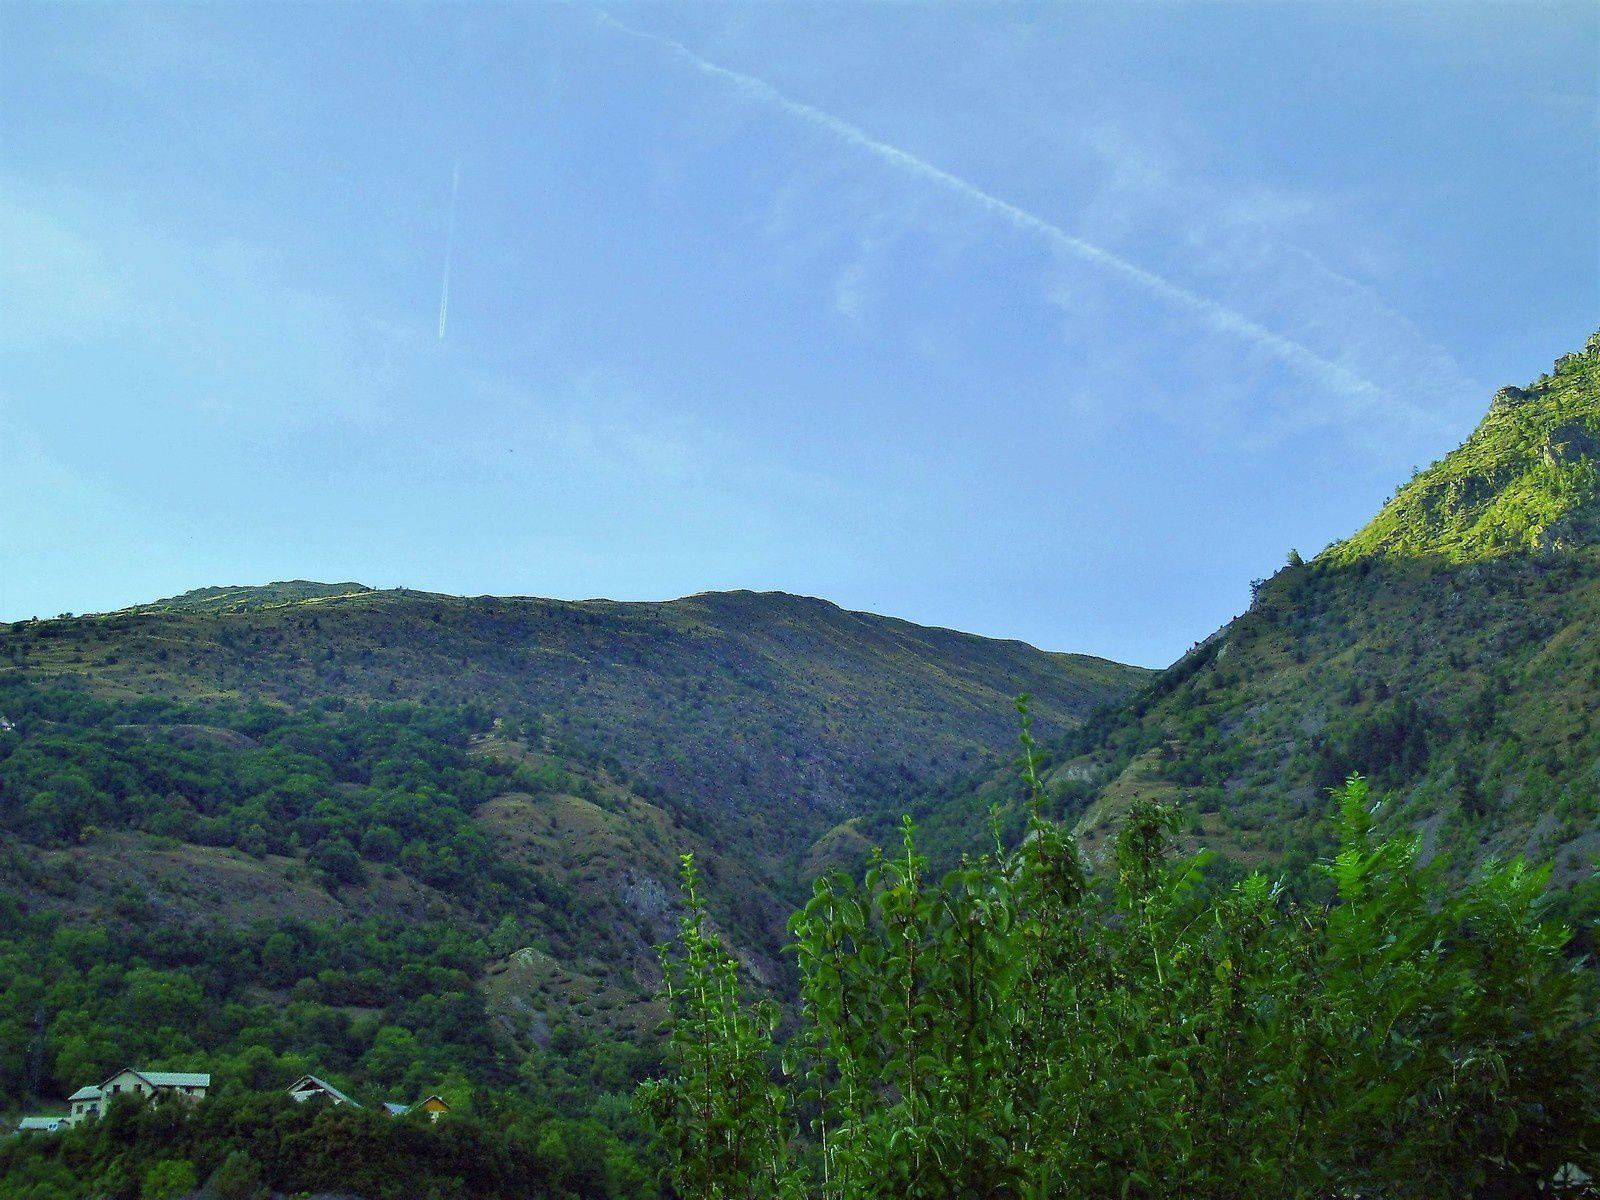 Goldwing - Notre voyage dans les Hautes-Alpes en Goldwing 1800 et Varadero 125 - 1er jour